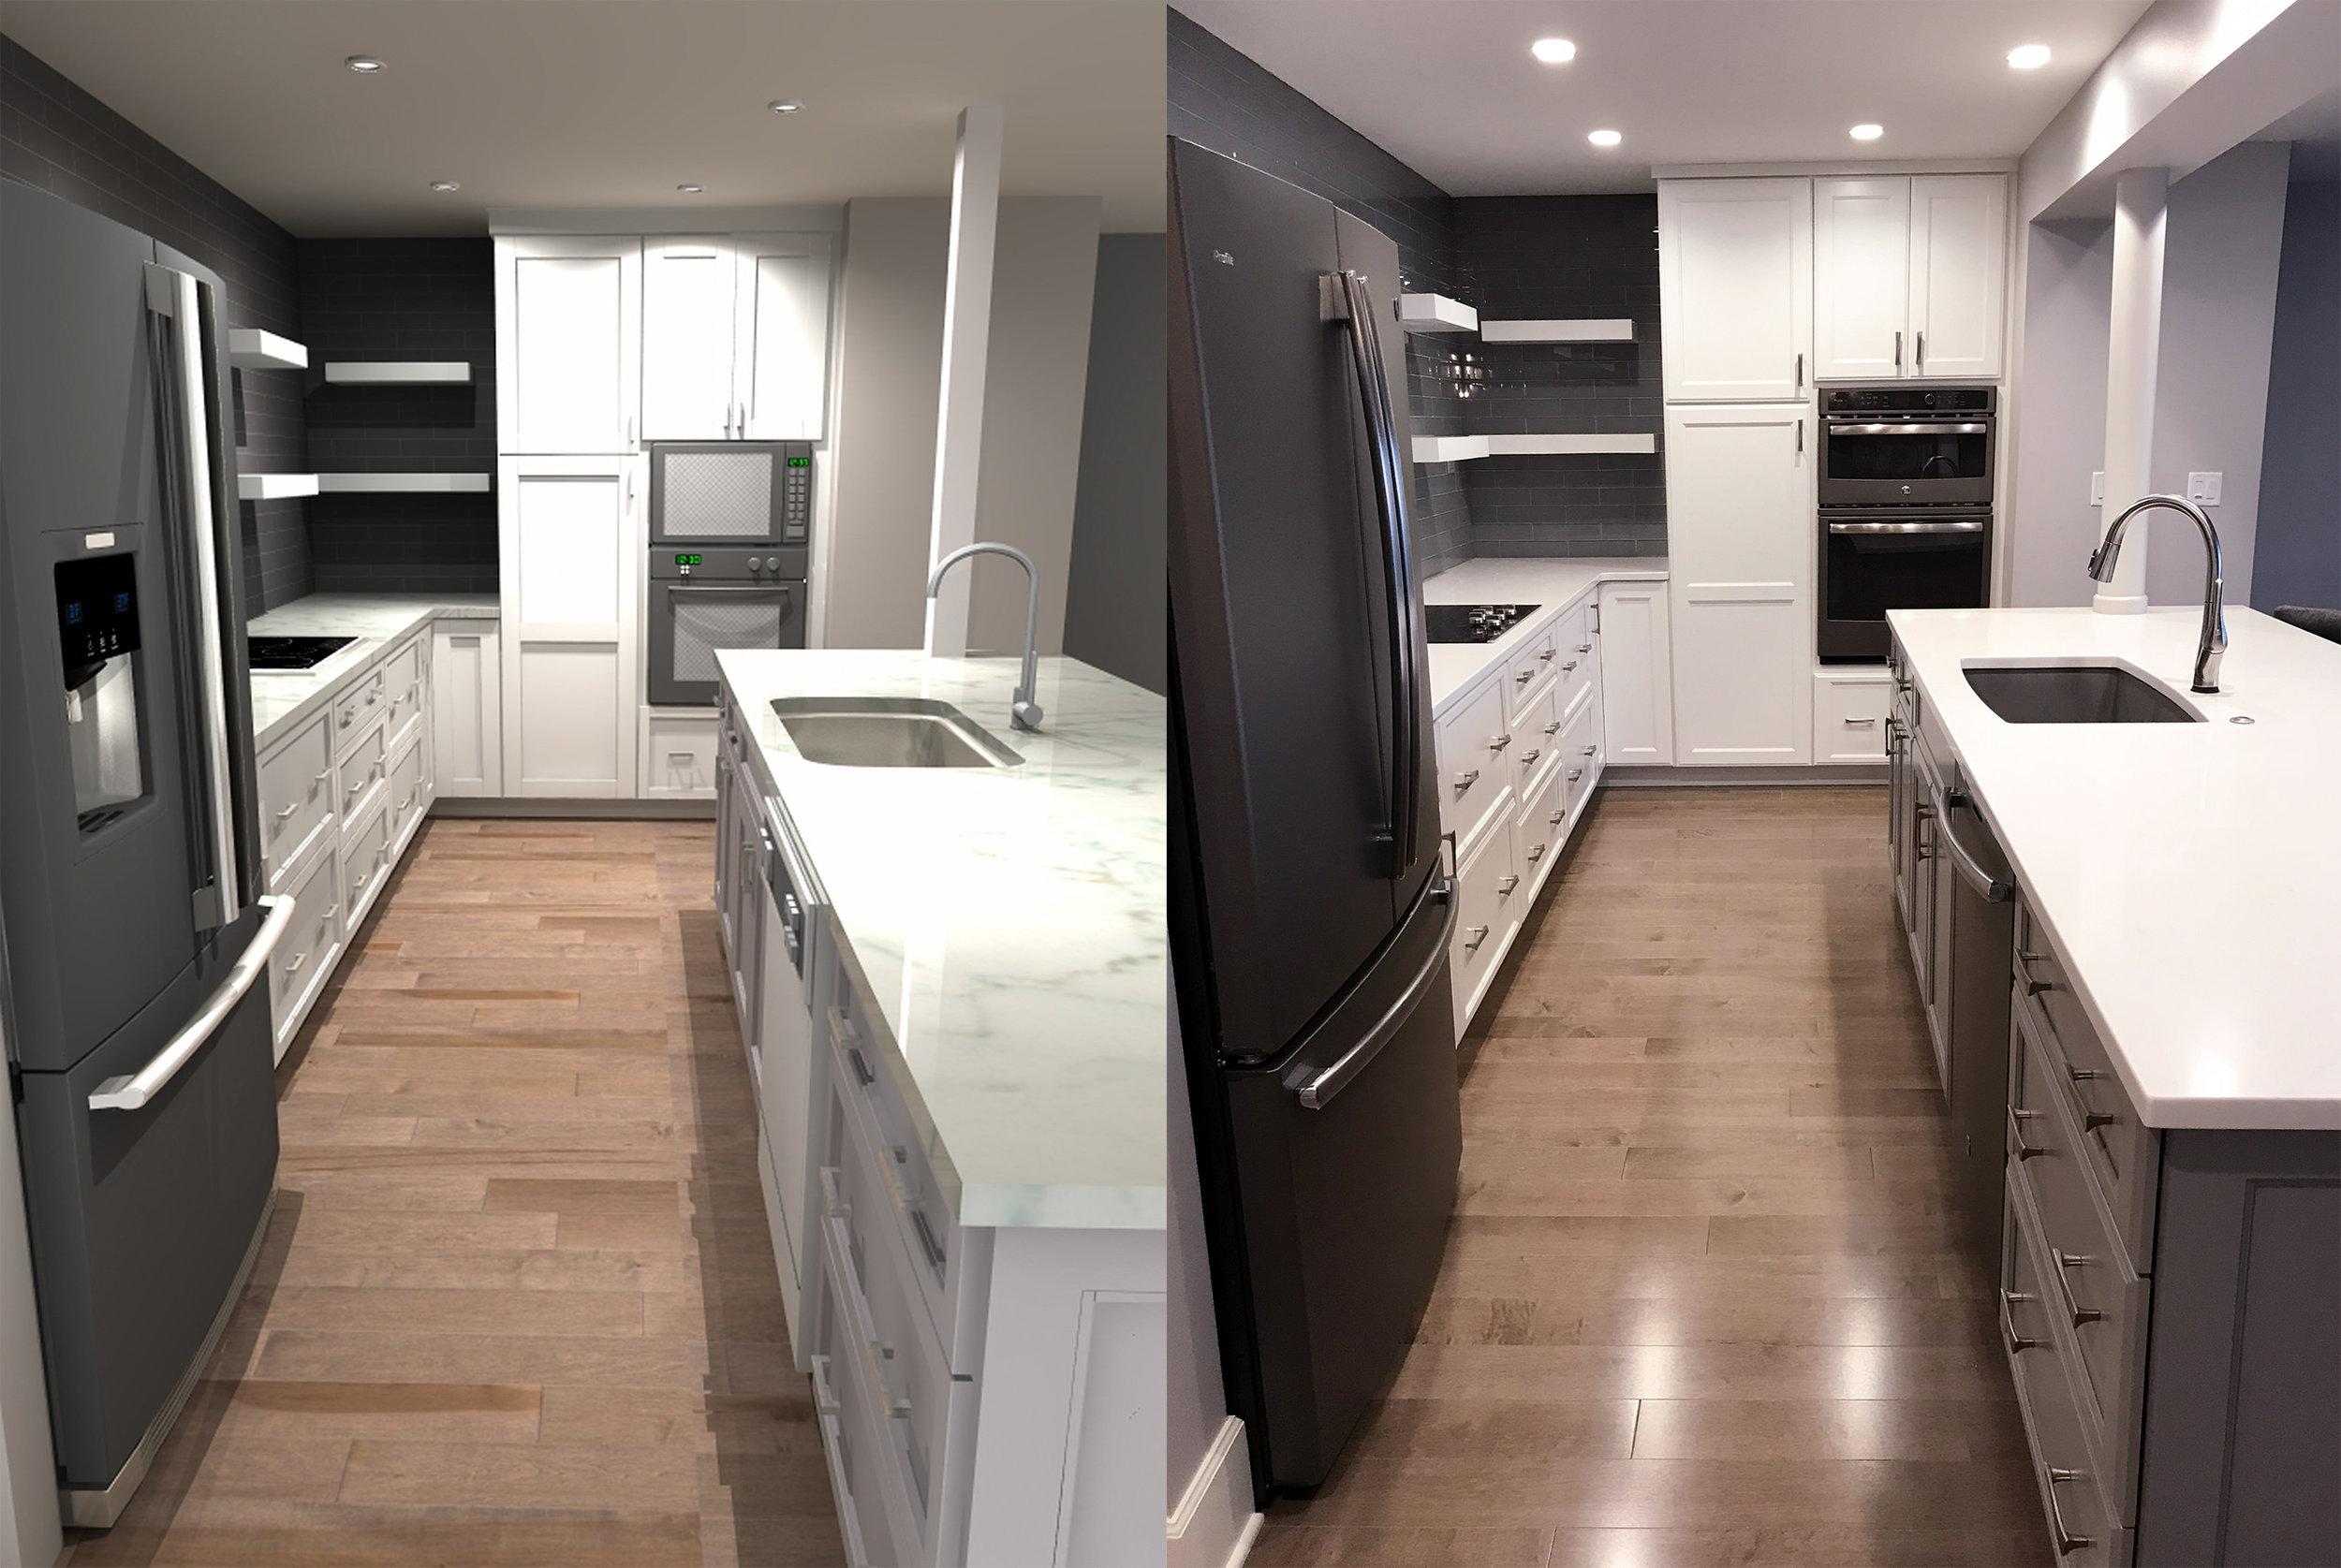 Modern kitchen 2 render & real.jpg